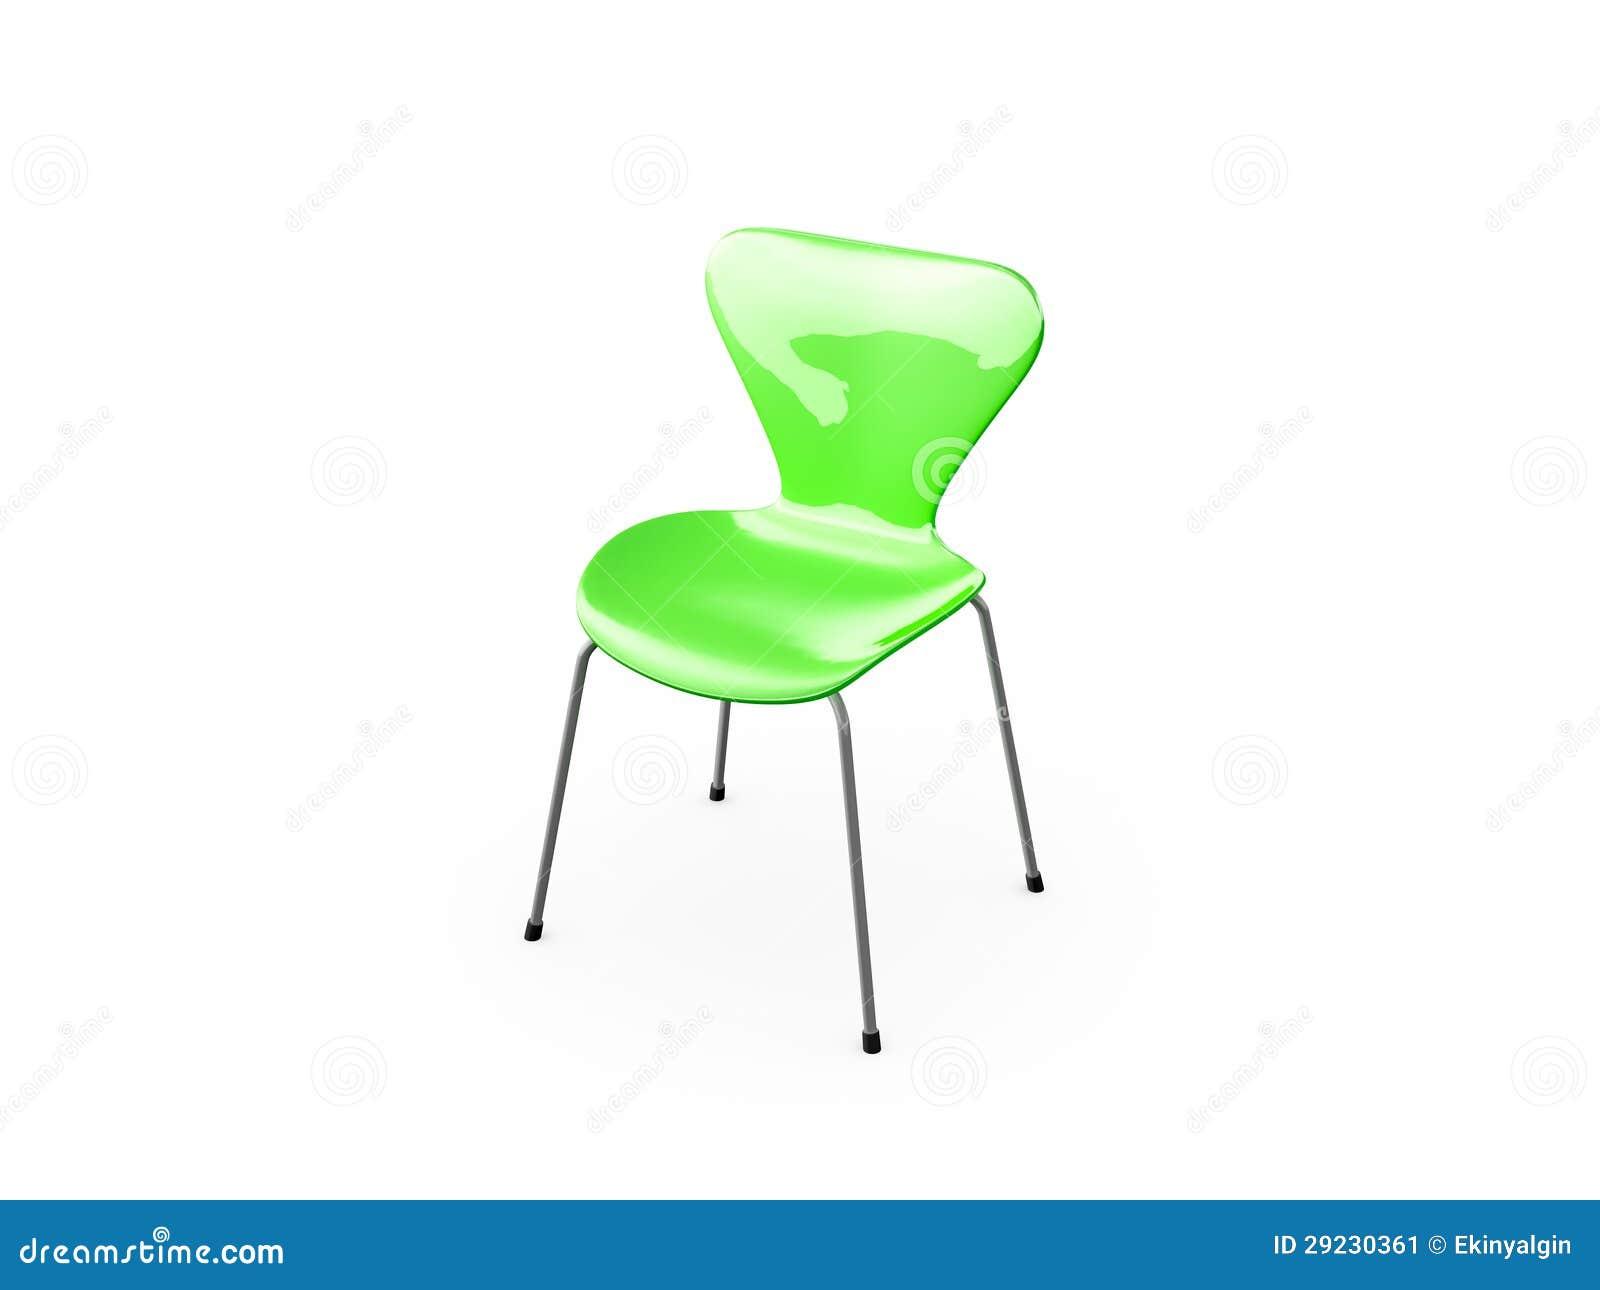 Download Cadeira verde ilustração stock. Ilustração de home, relaxe - 29230361